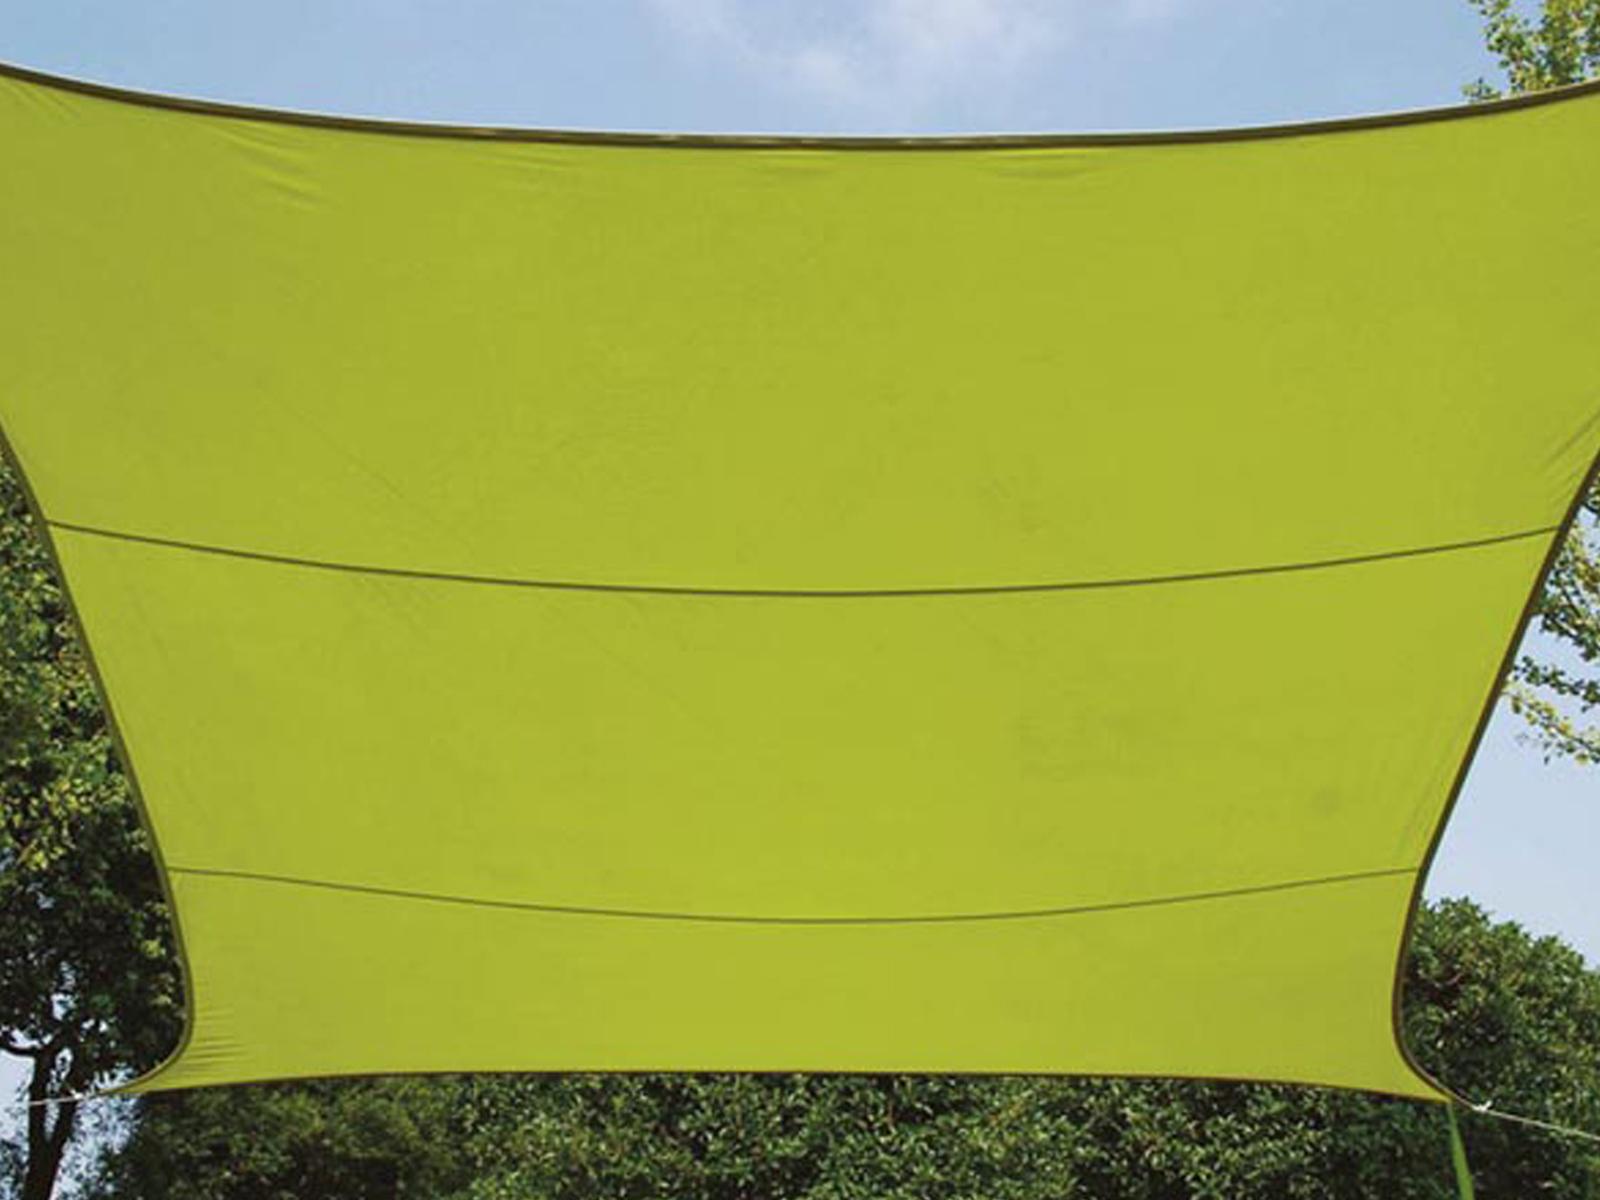 PARASOLE PROTEZIONE ANTIPIOGGIA Perel, Lime verde, 500 x 500 cm, resistente all'acqua